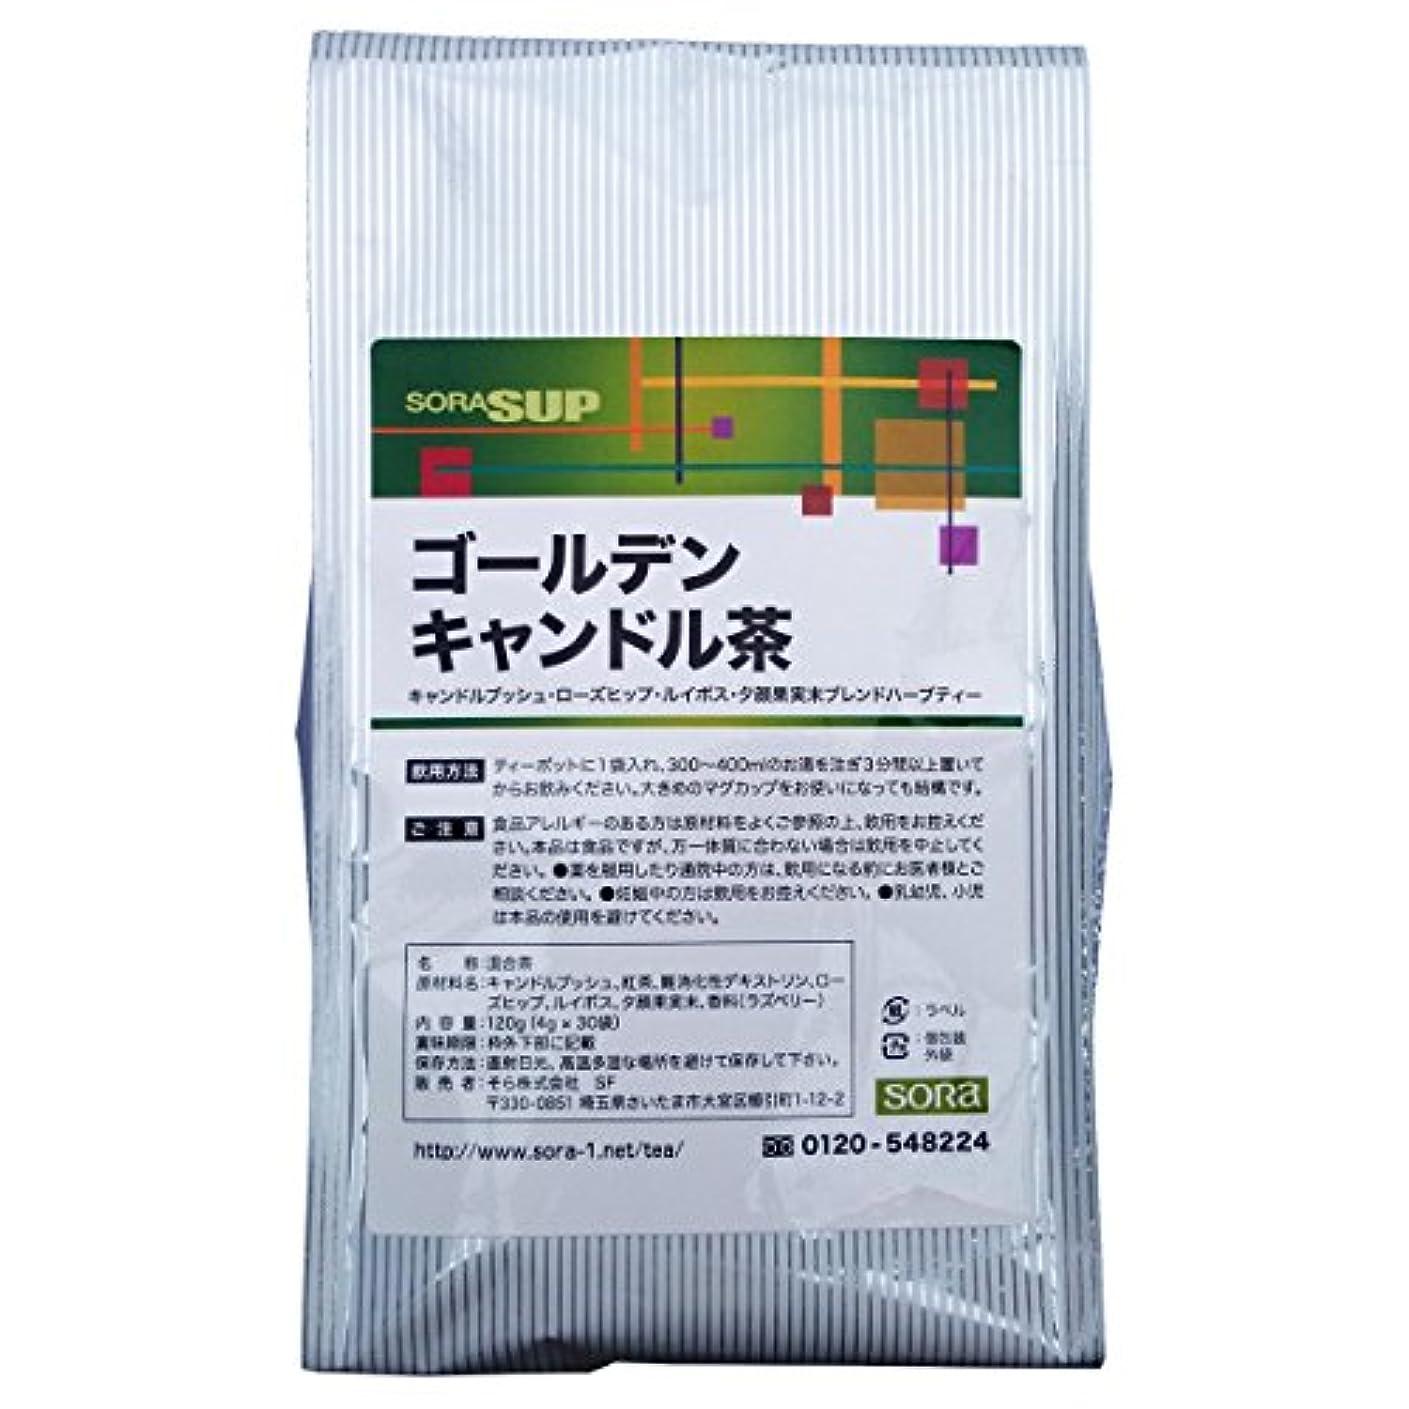 誰がメルボルン逸話そら ゴールデンキャンドル茶 (主成分キャンドルブッシュ?4グラムティーパック × 30包)